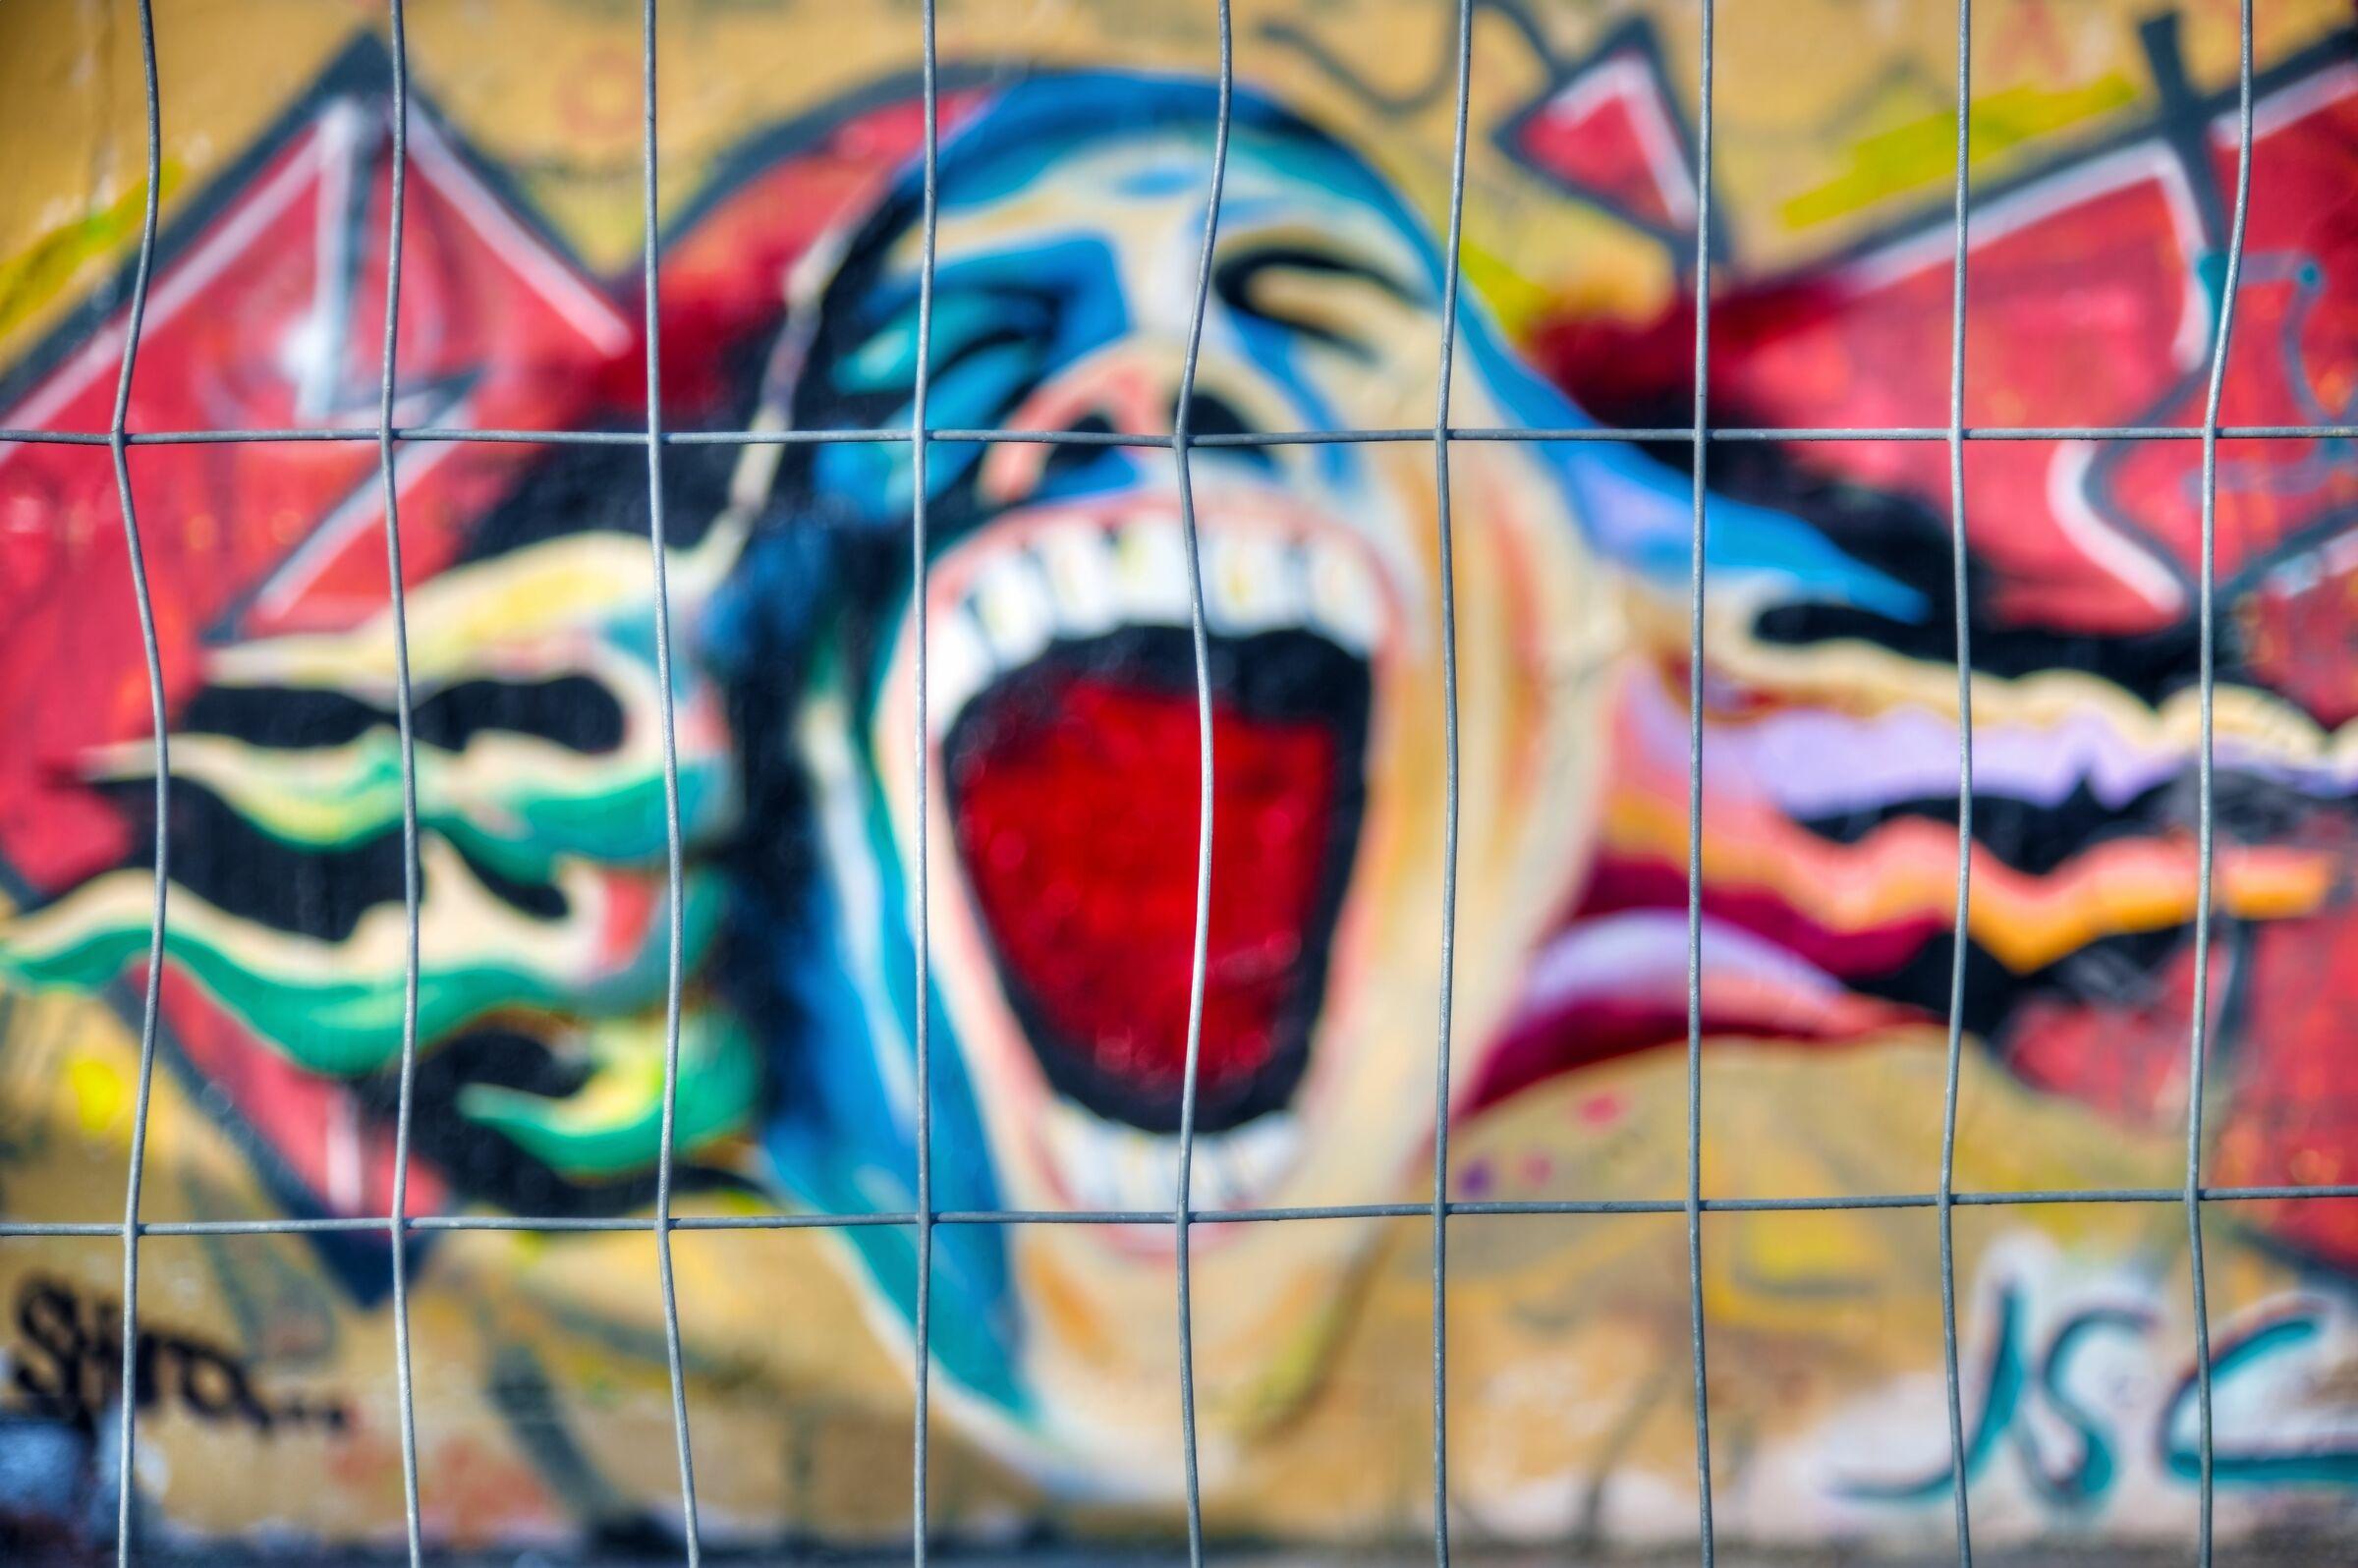 Screaming behind Bars; Wiesbaden, Germany...